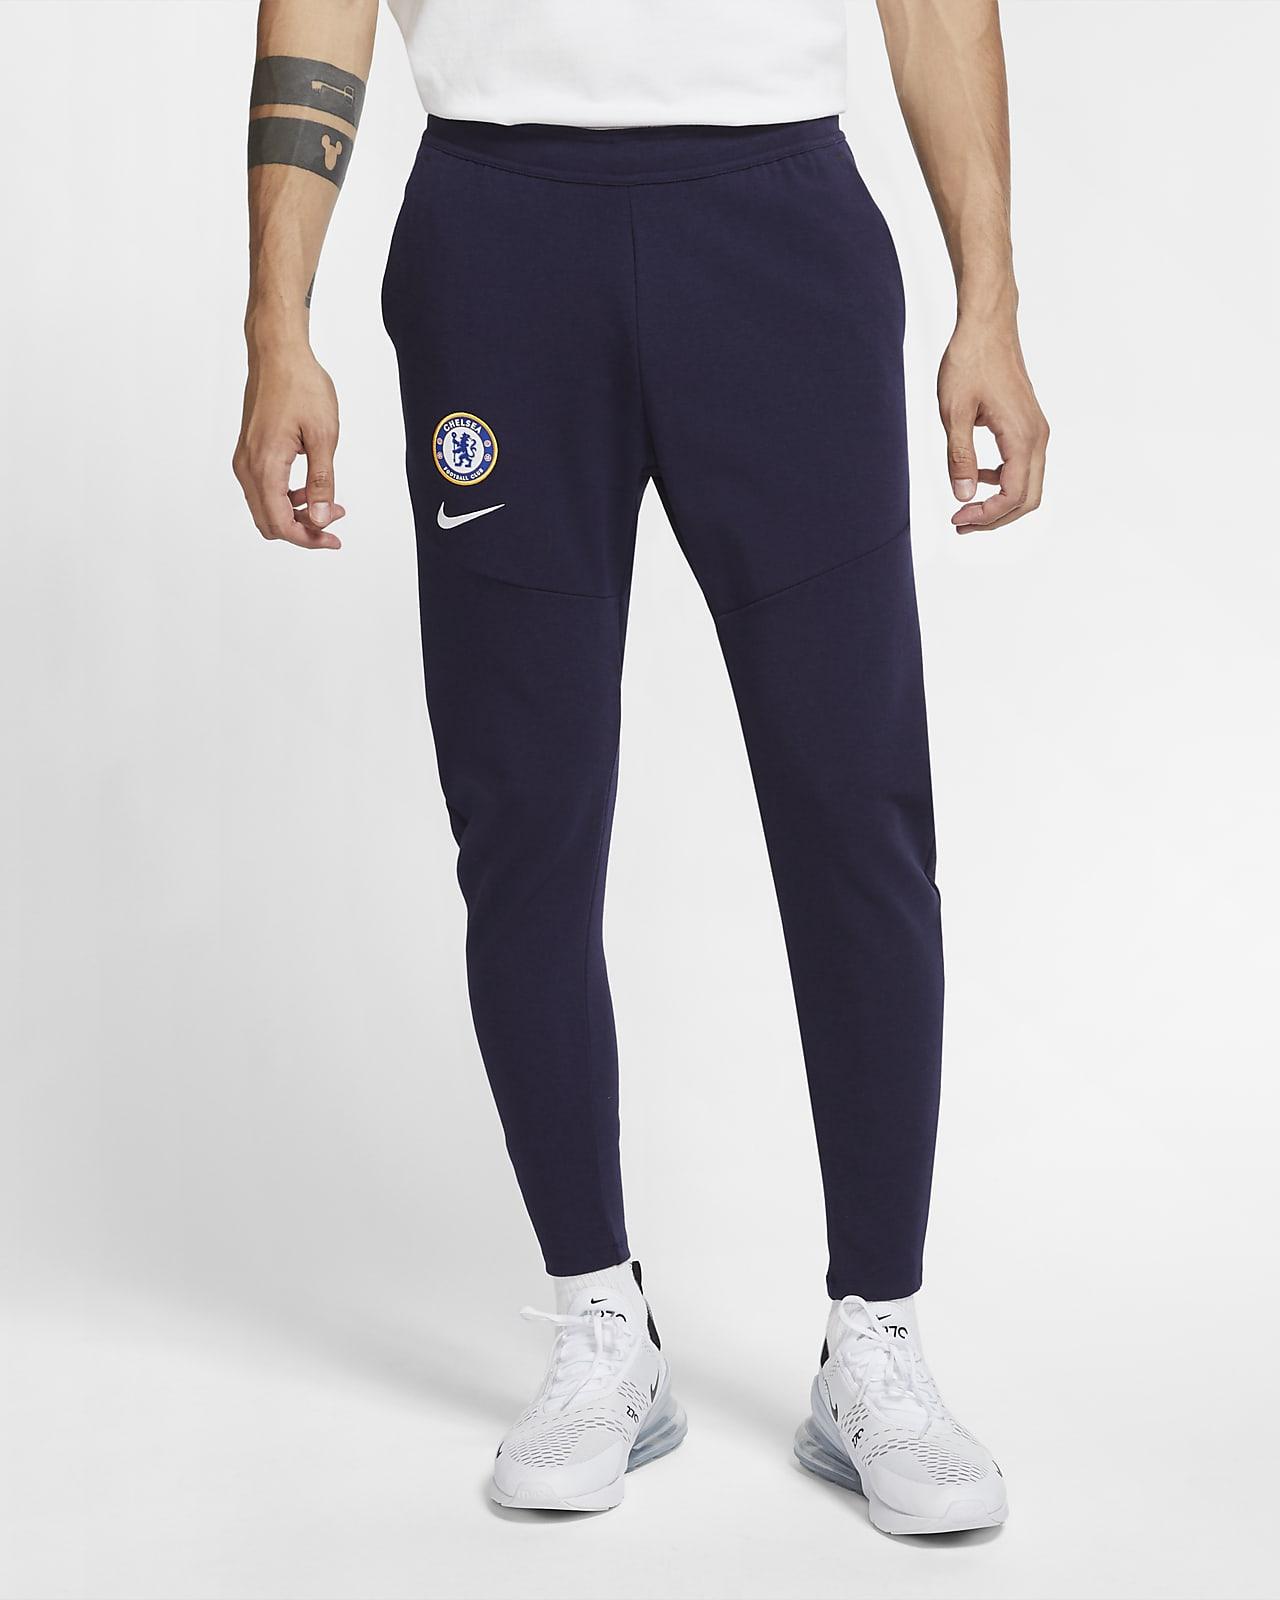 Chelsea F.C. Tech Pack Men's Pants